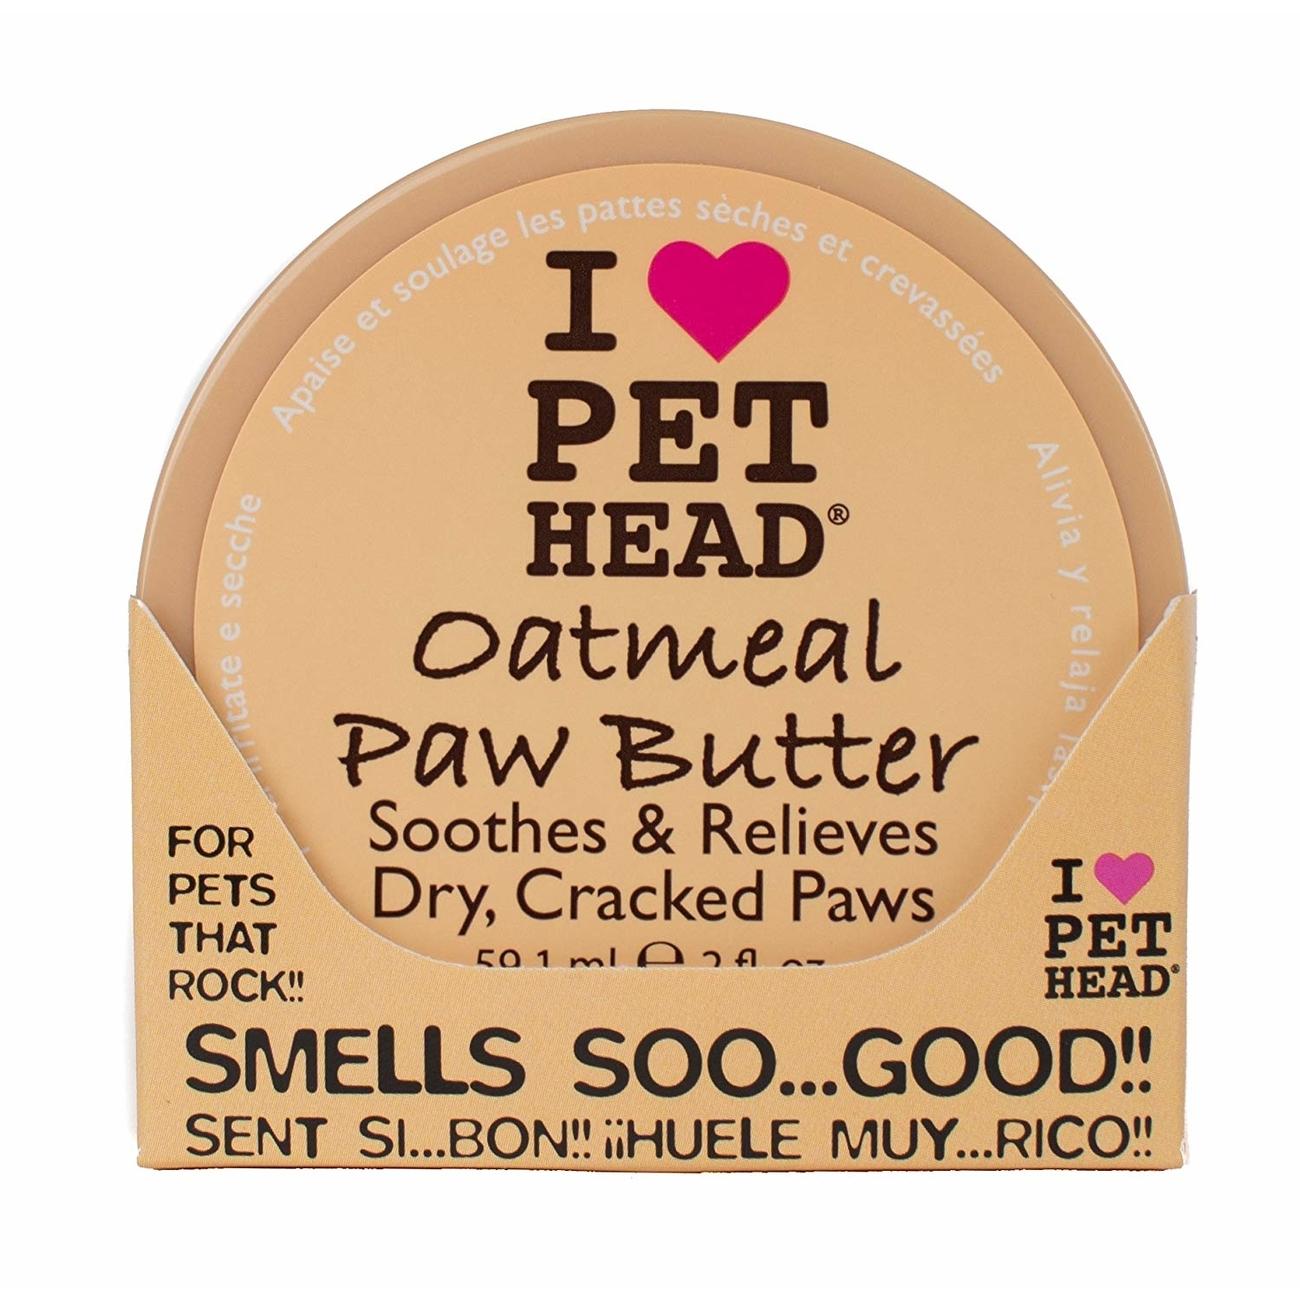 PET HEADHafermehl Pfoten Butter für Hunde, 59 ml